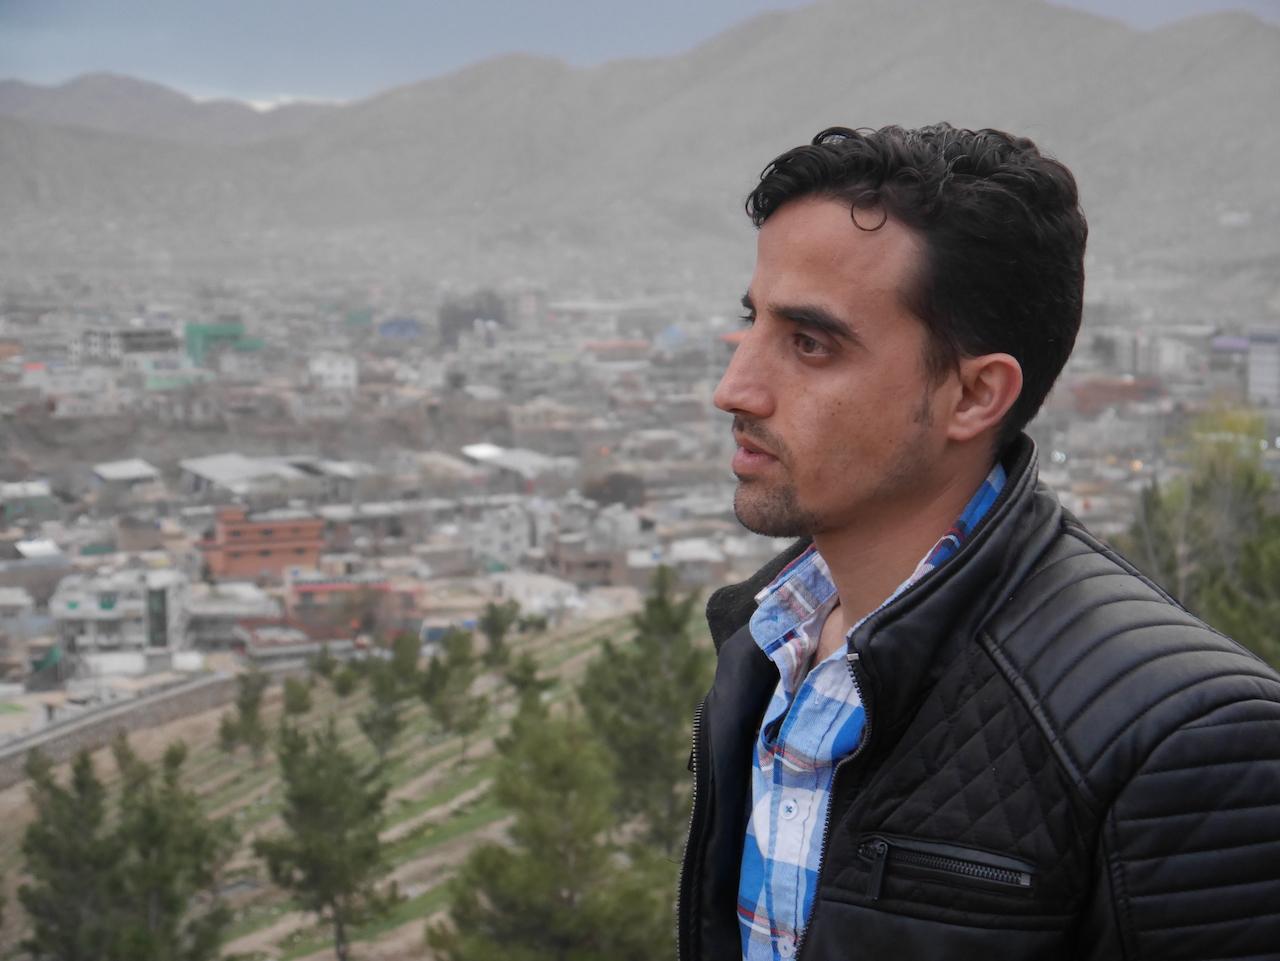 Germany is sending Afghan asylum seekers home to a war-torn nation